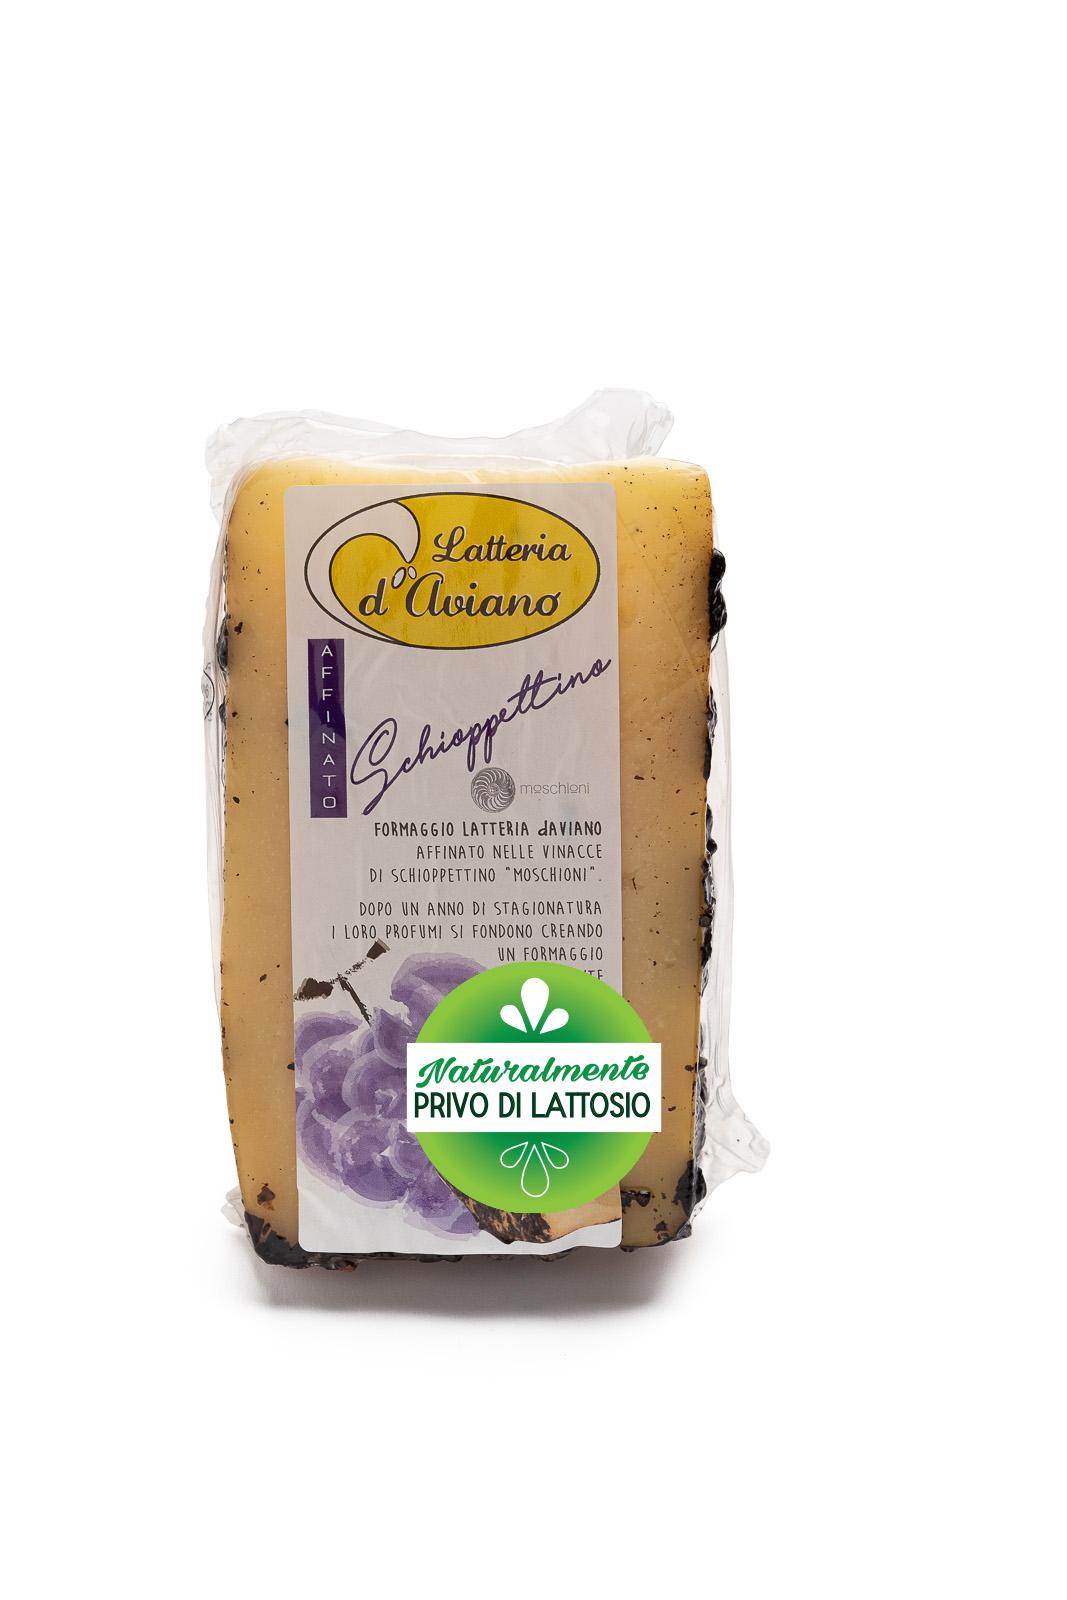 Formaggio - senza lattosio - latteria d'Aviano ubriaco schioppettino - Del Ben Formaggi - 300g